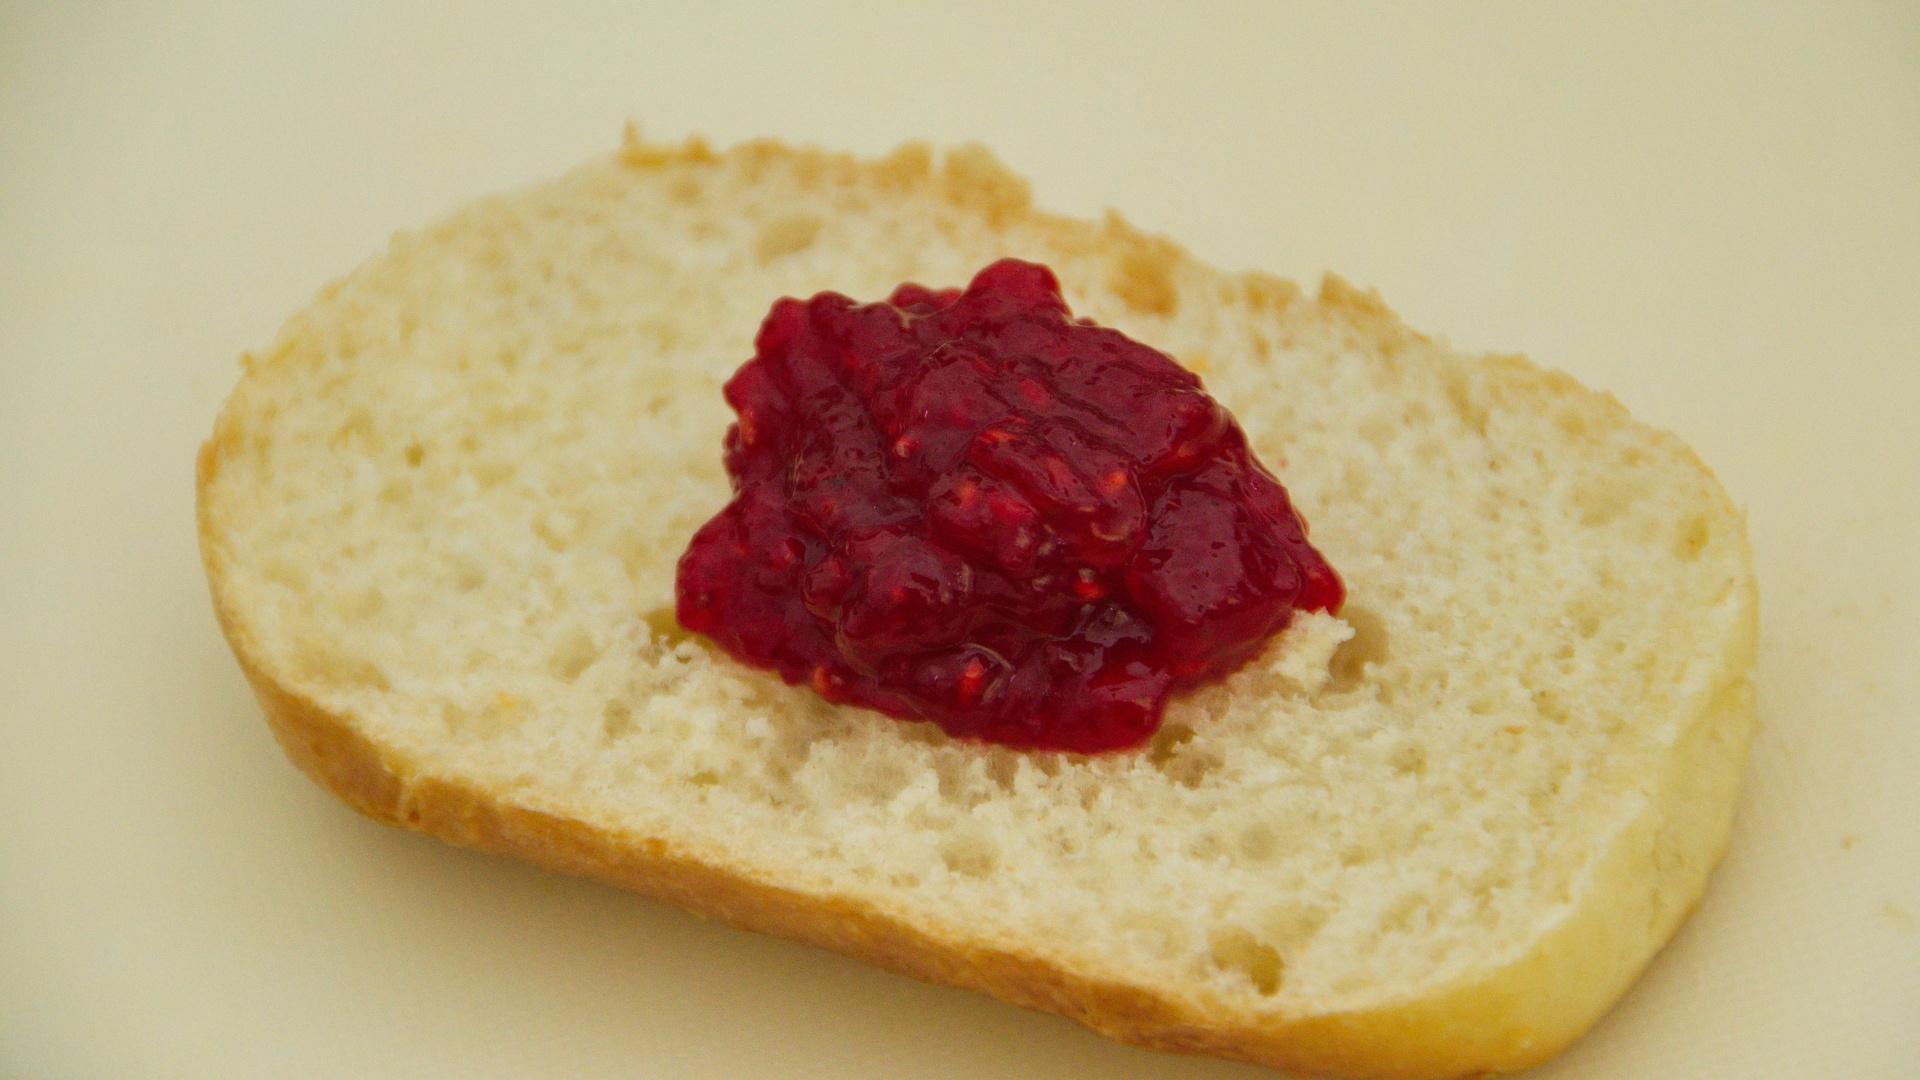 Klecks Erdbeer Himbeer Vanille Konfitüre mit Stevia auf einem halben hellem Brötchen